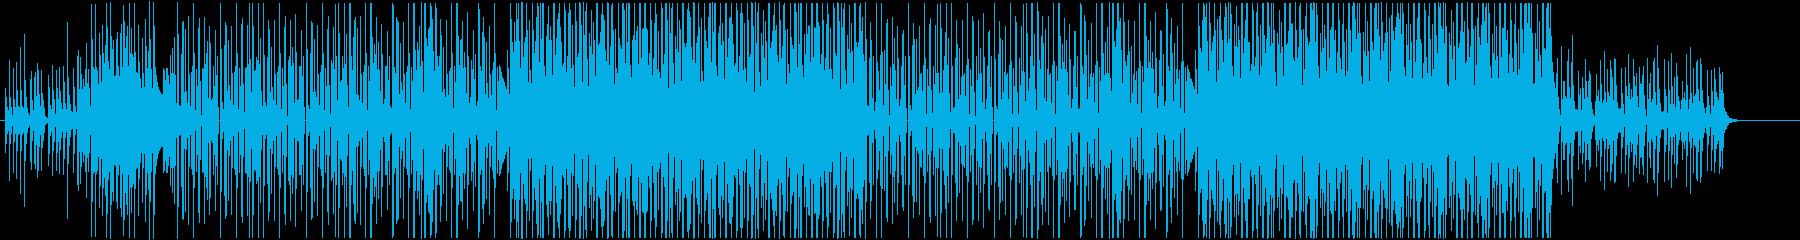 洋楽ラテン、レゲエ、パーティービート♫の再生済みの波形